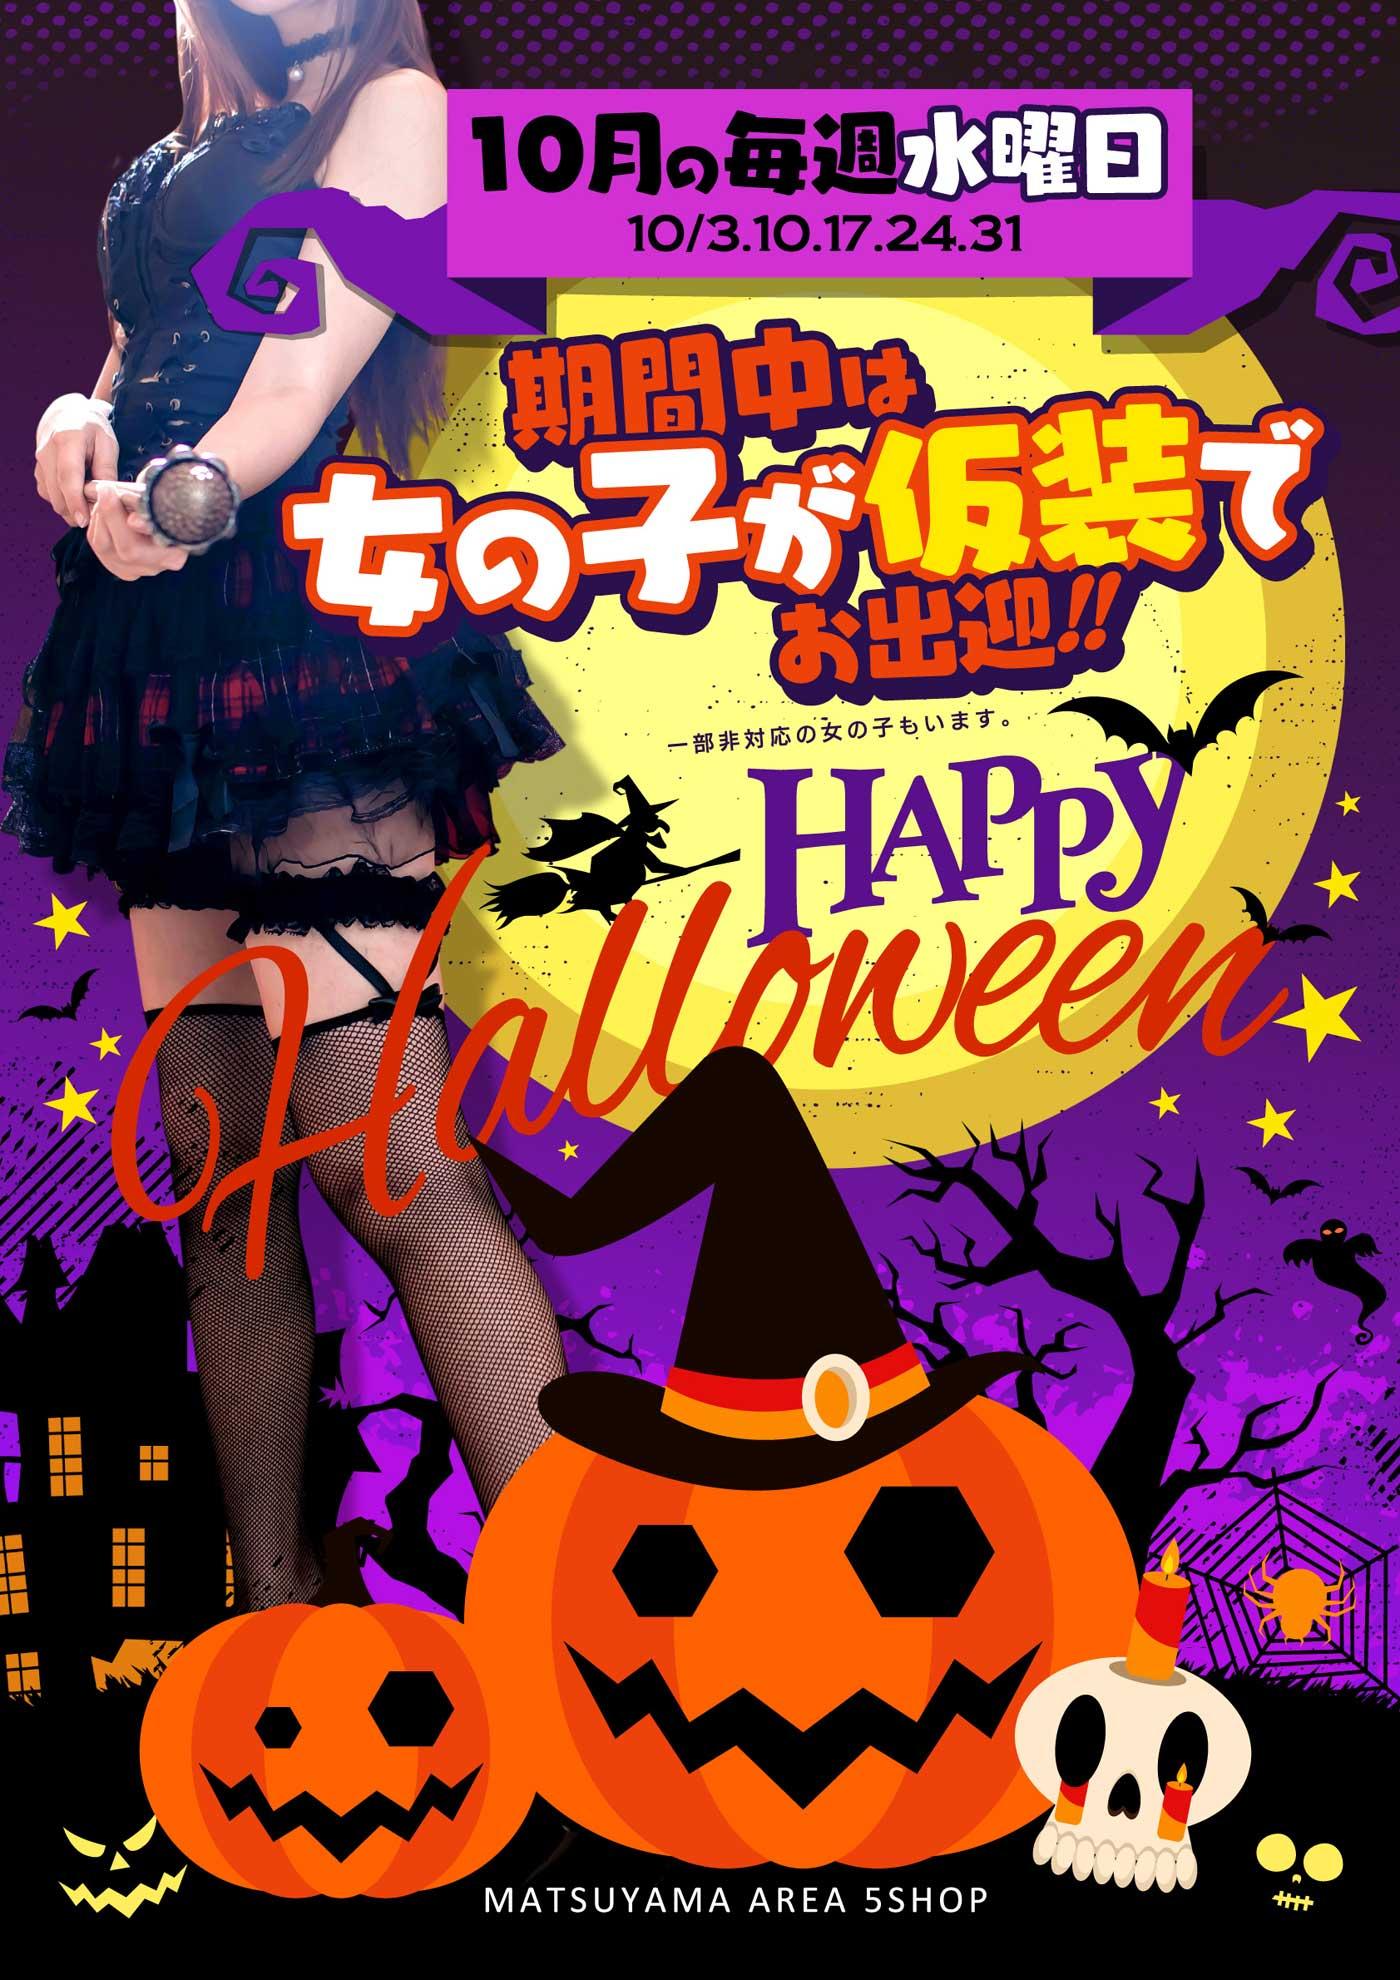 10月の毎週水曜日は!HAPPY!ハロウィン!